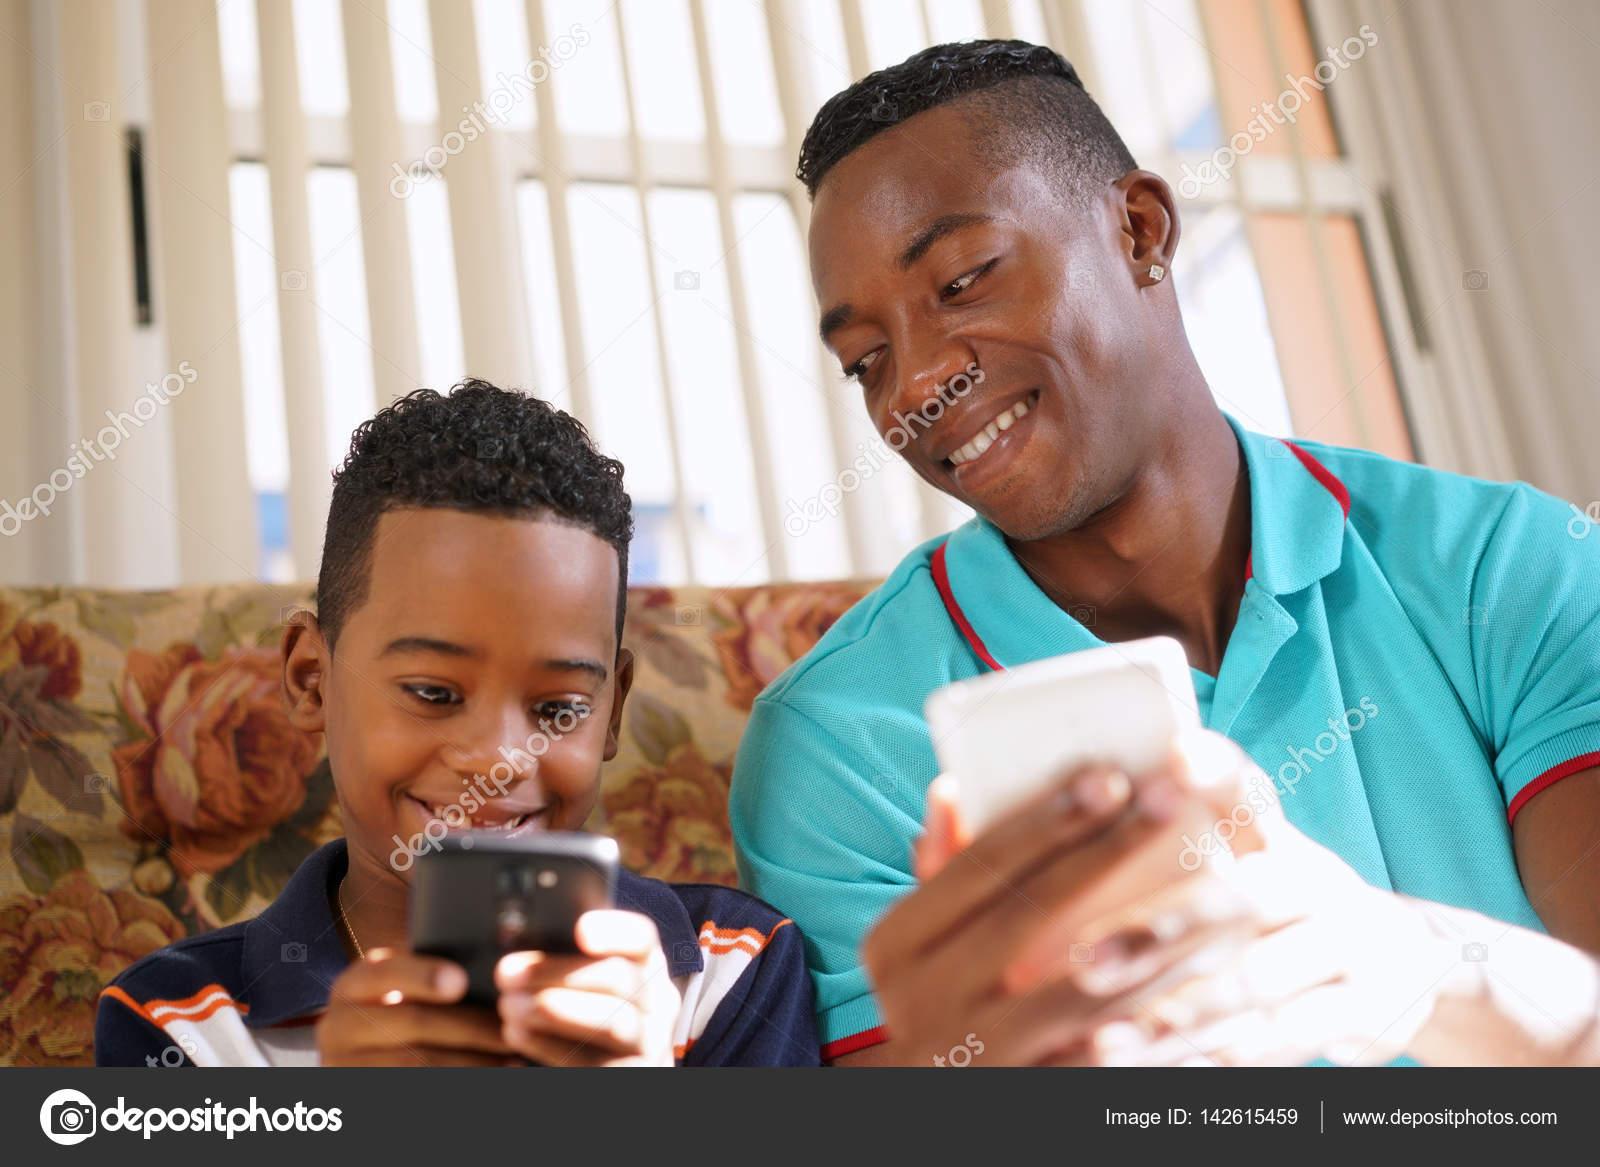 Danger smartphones : L'excès d'écrans modifierait le cerveau des enfants